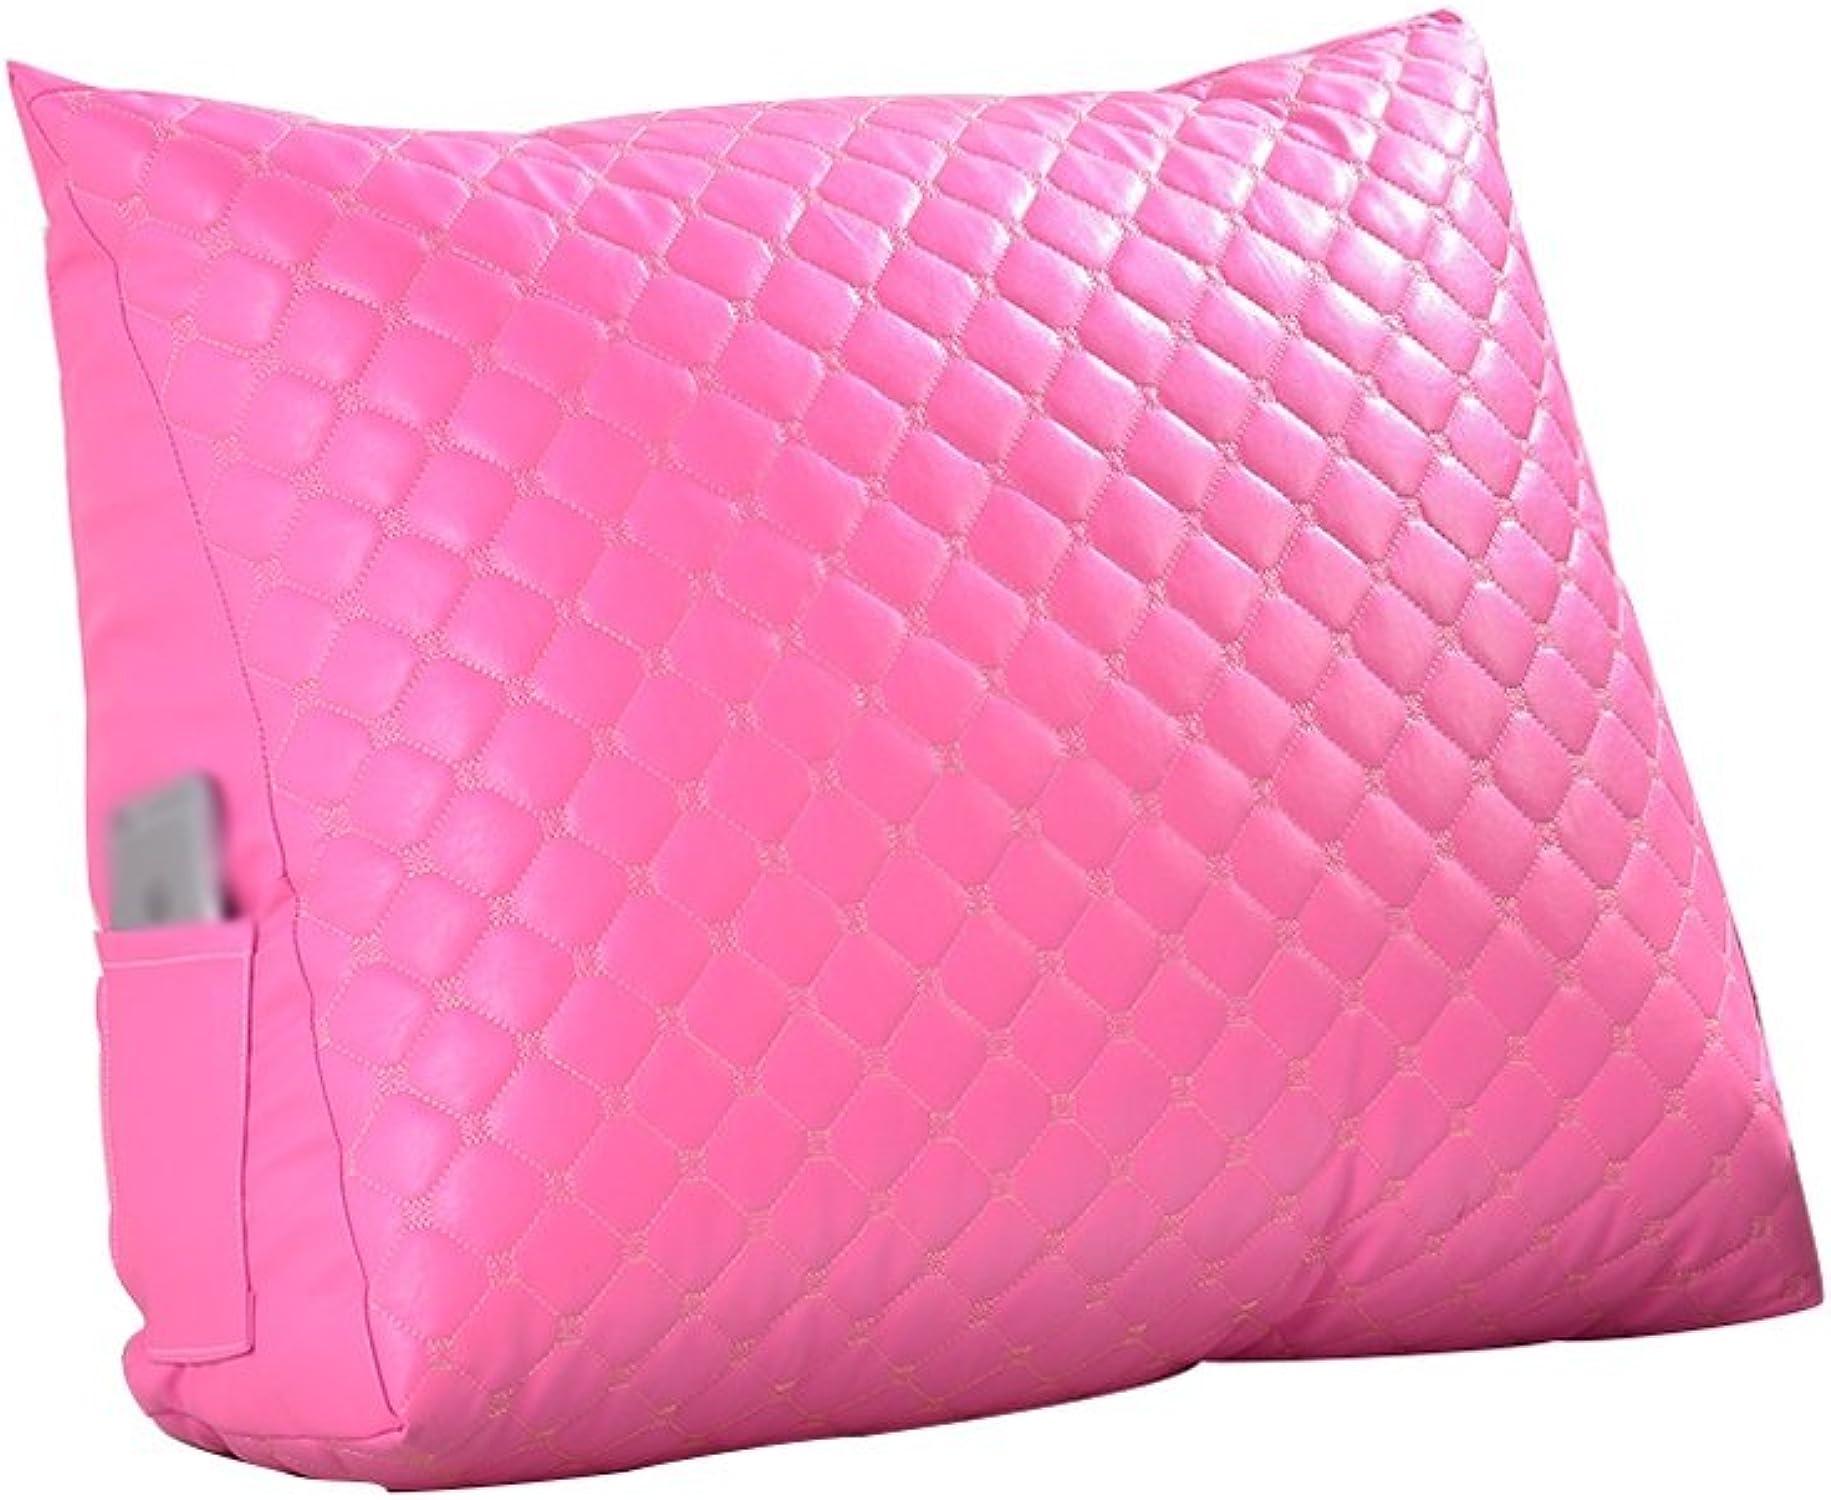 X-L-H Imitation En Cuir Triangle Oreiller Lit Bureau   Sofa Soft sac Coussin De Dossier, Couleur Unie, Lavable Amovible (Couleur   rose, taille   45cm)